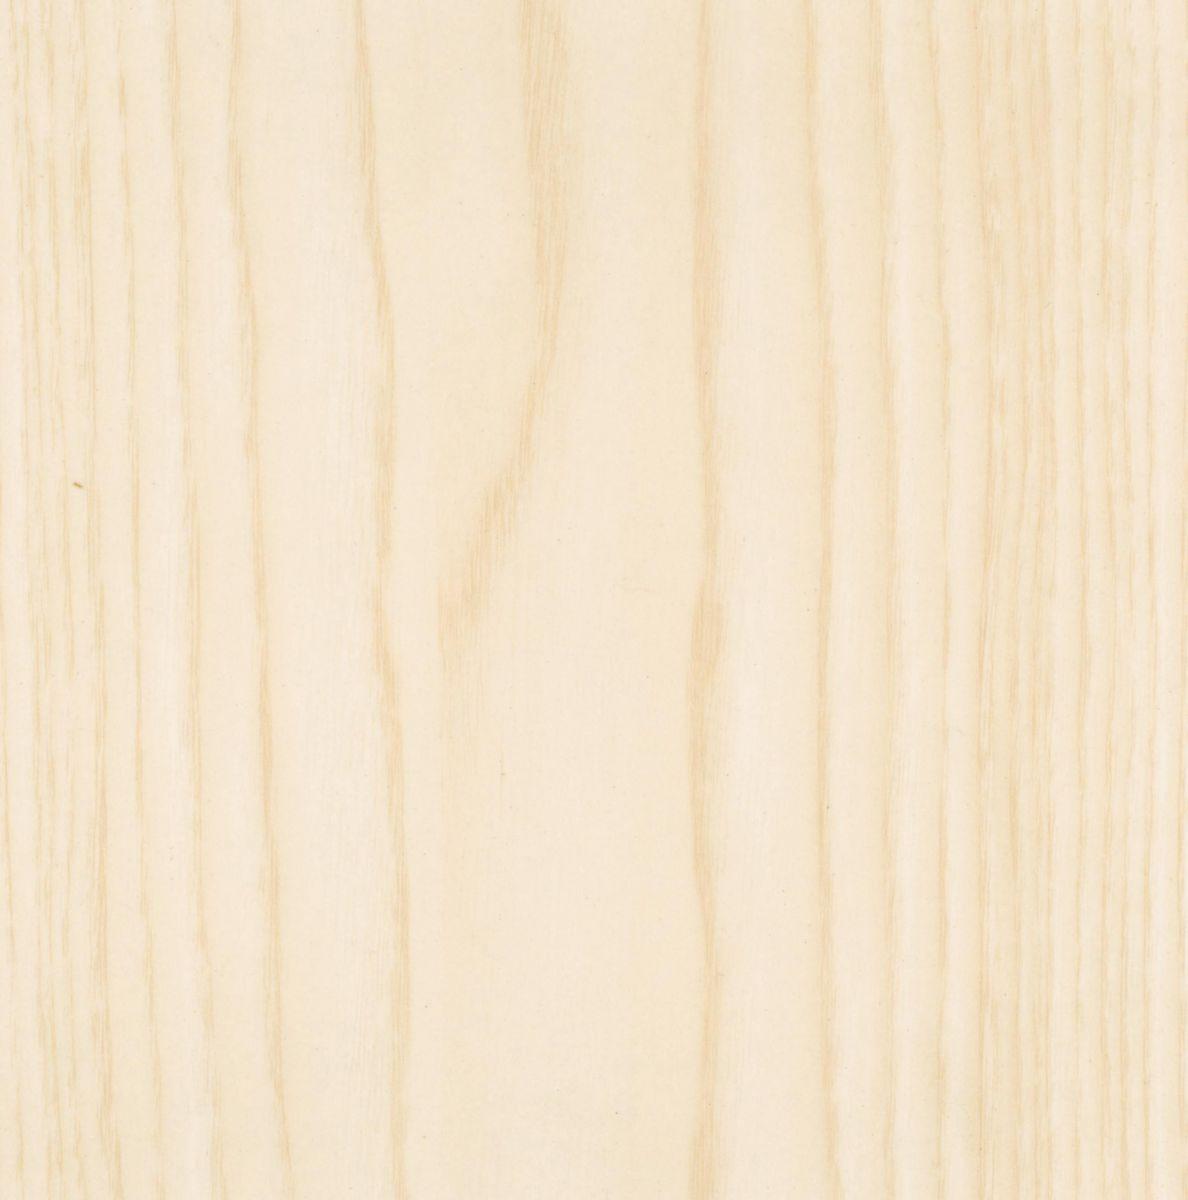 Prix Feuille Stratifié Formica stratifié hpl woods hgp frêne blanchi f8928 smt soft mat 305x130cm 0,7mm